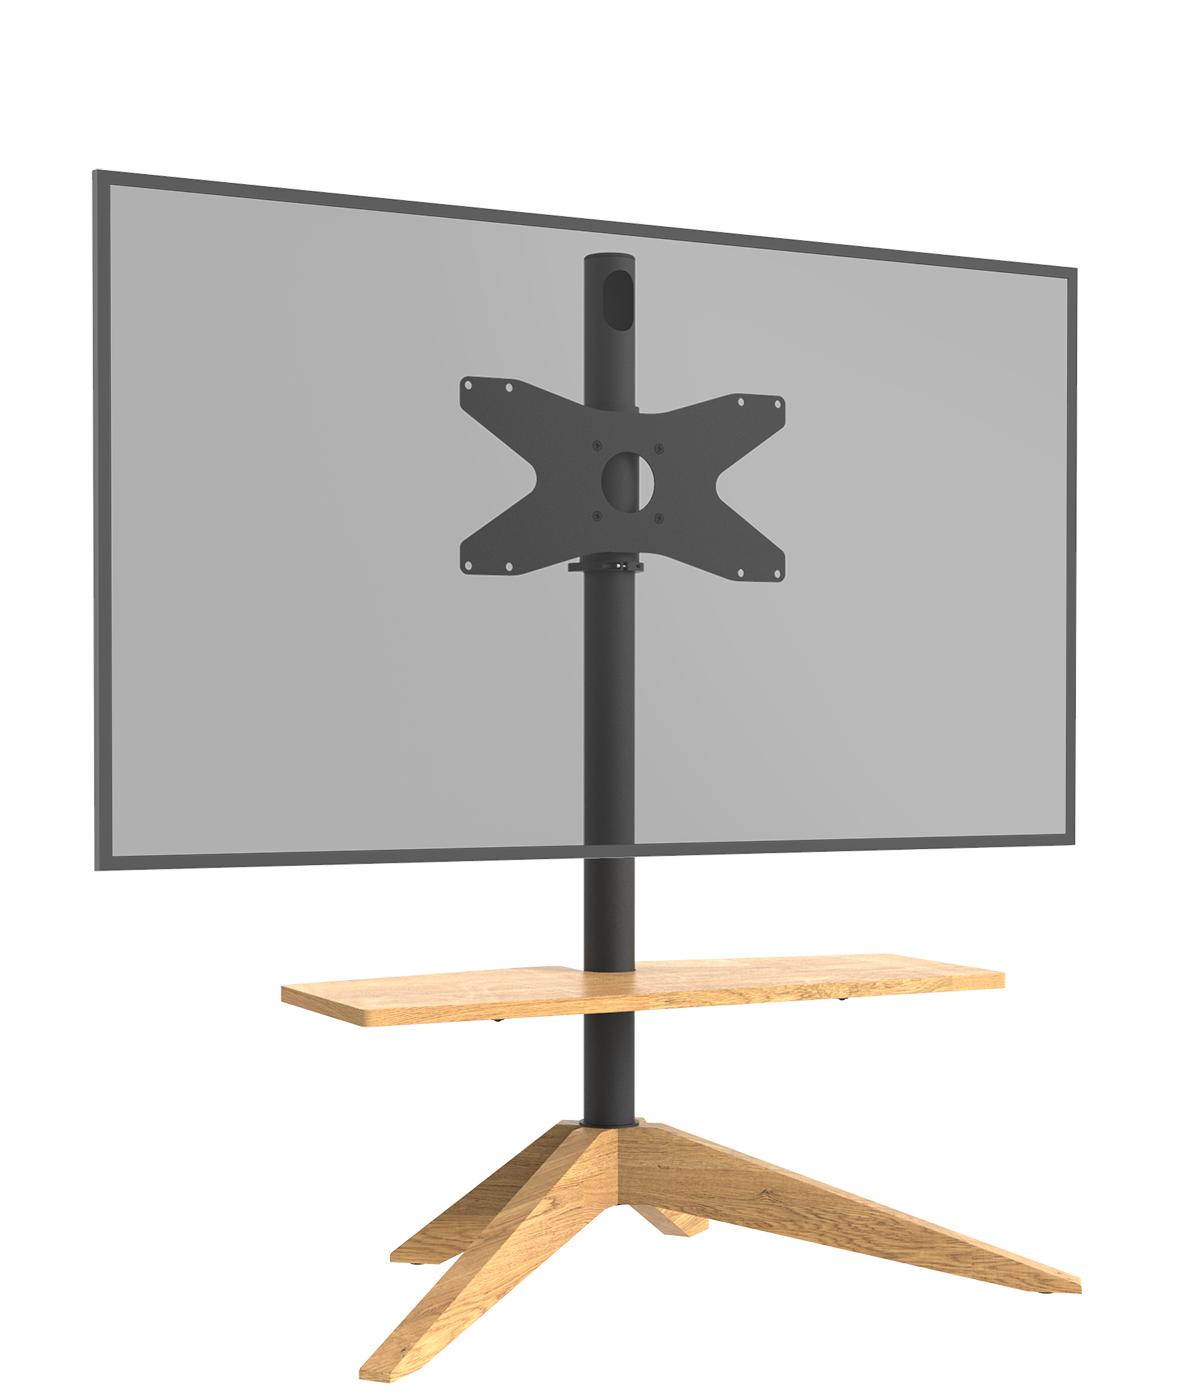 Cavus Tv vloerstandaard Cross Oak VESA 300x200